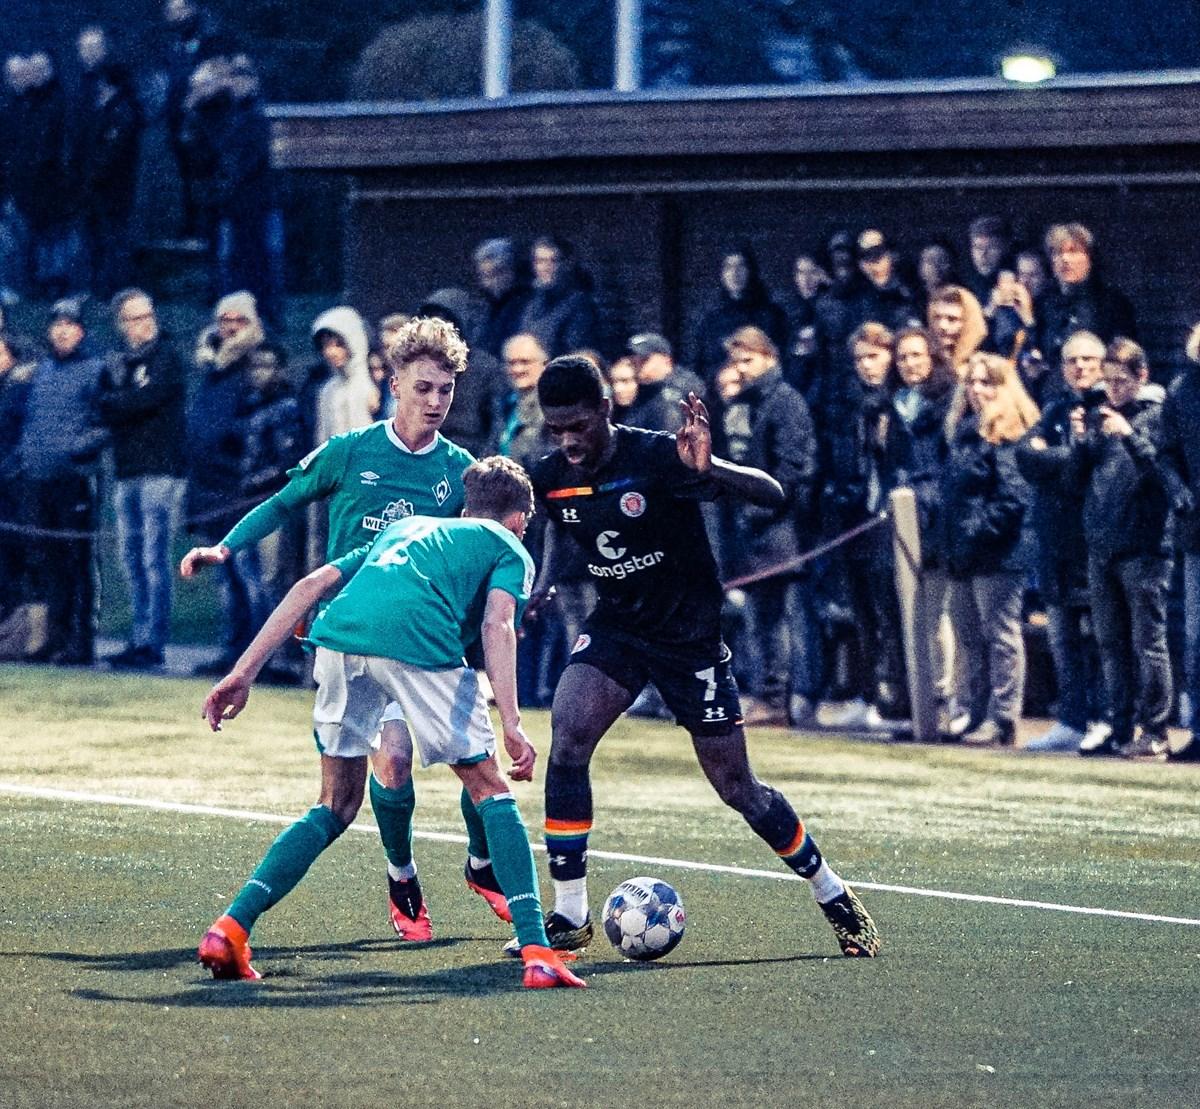 Nach der 0:1-Niederlage gegen Bremen: U17 will die Englische Woche mit einem Sieg abschließen.